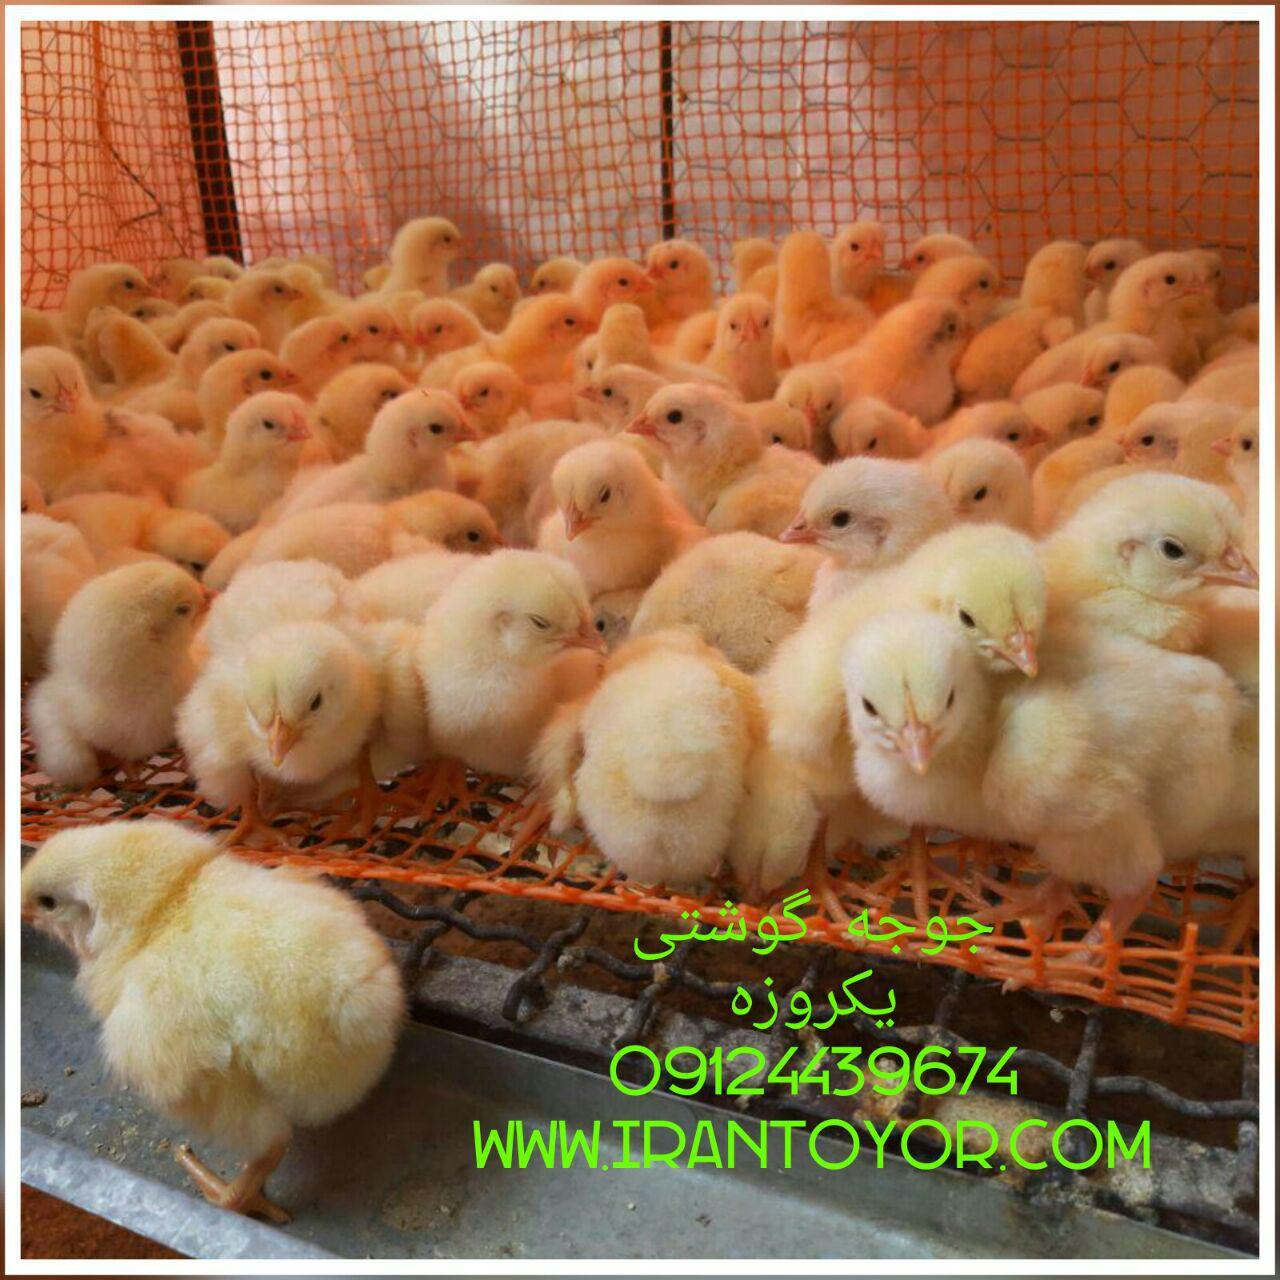 افزایش قیمت جوجه گوشتی 09124439674